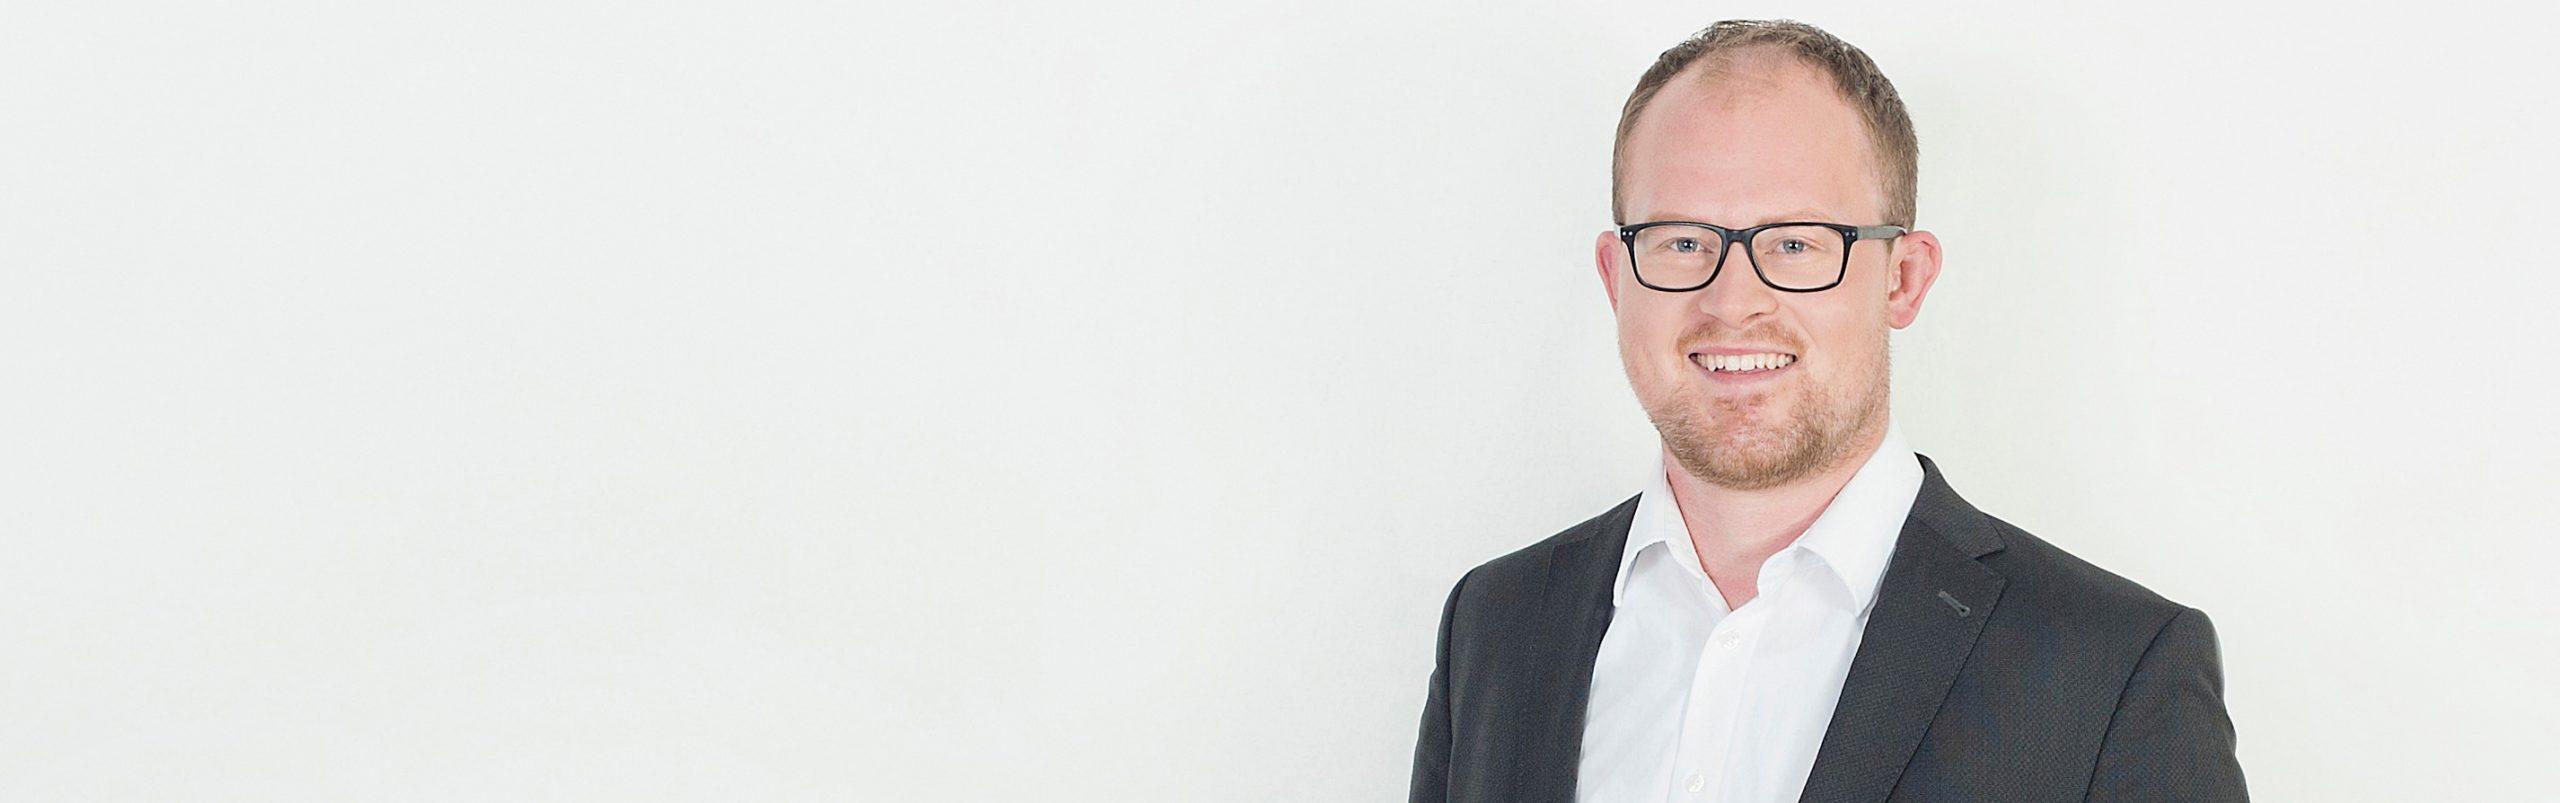 Stephan Övermöhle - IT-Sicherheitsberater bei der items GmbH